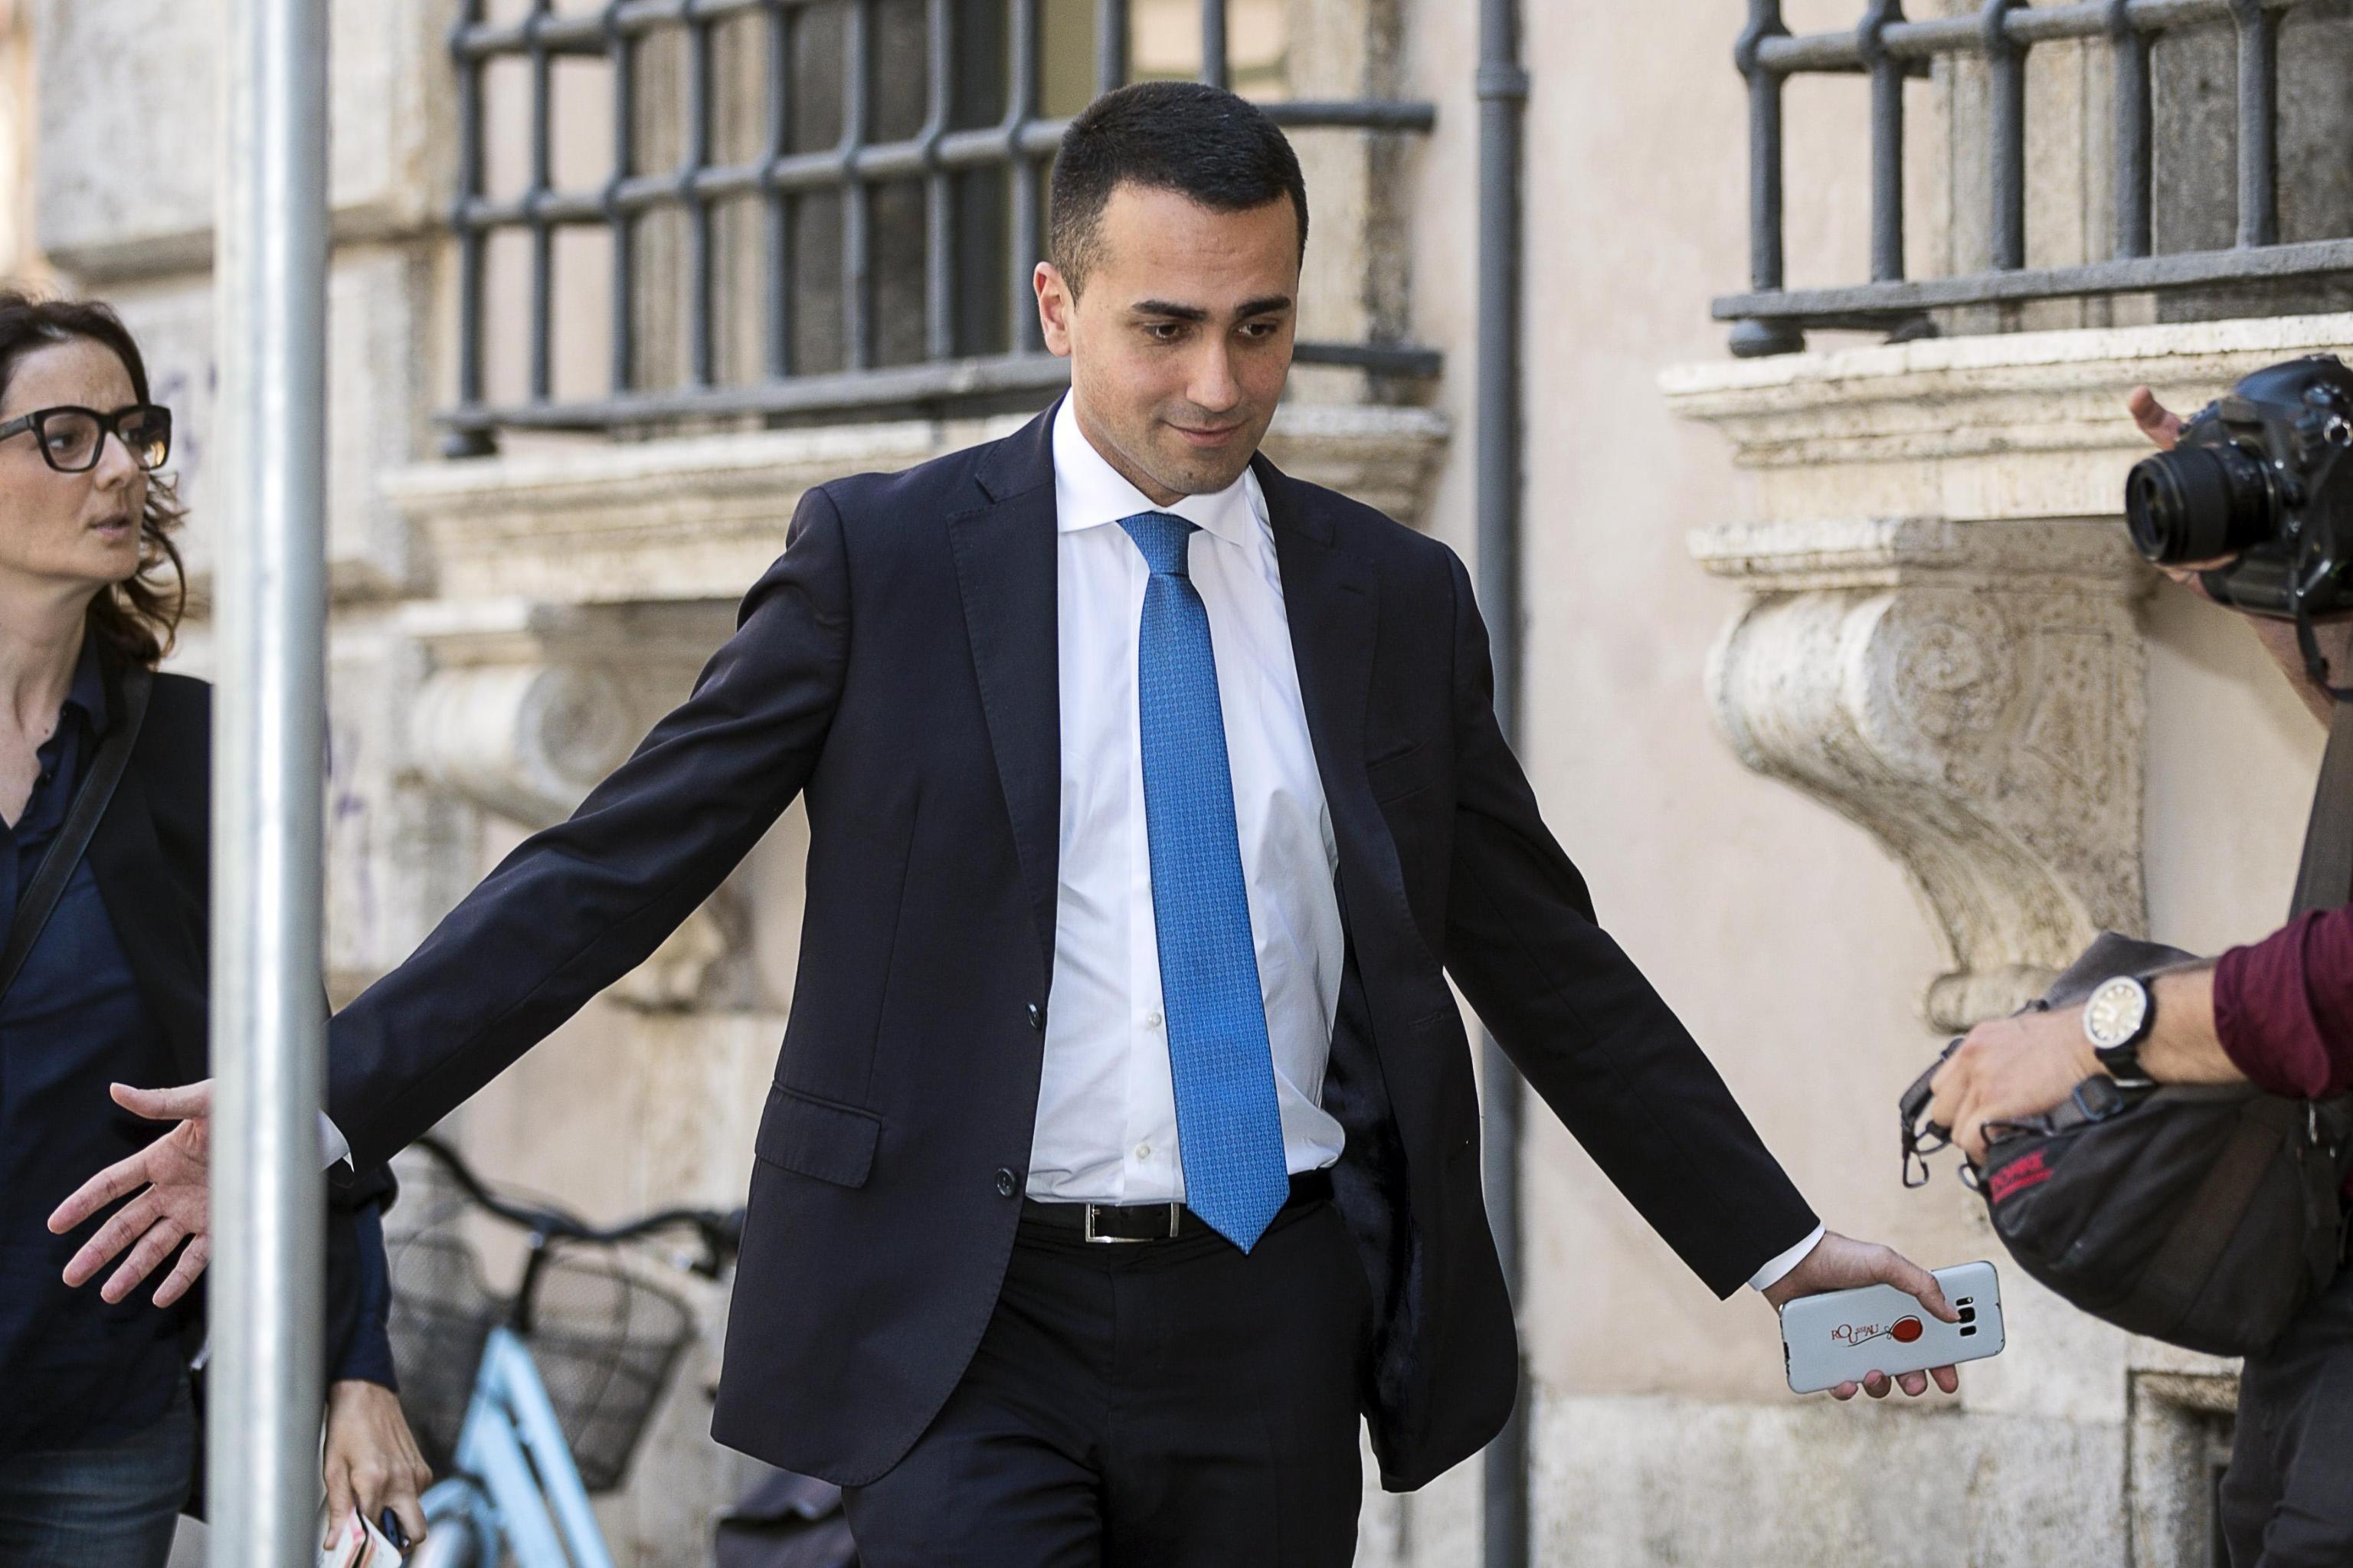 se-politiki-krisi-vythizetai-i-italia-meta-to-veto-matarela3